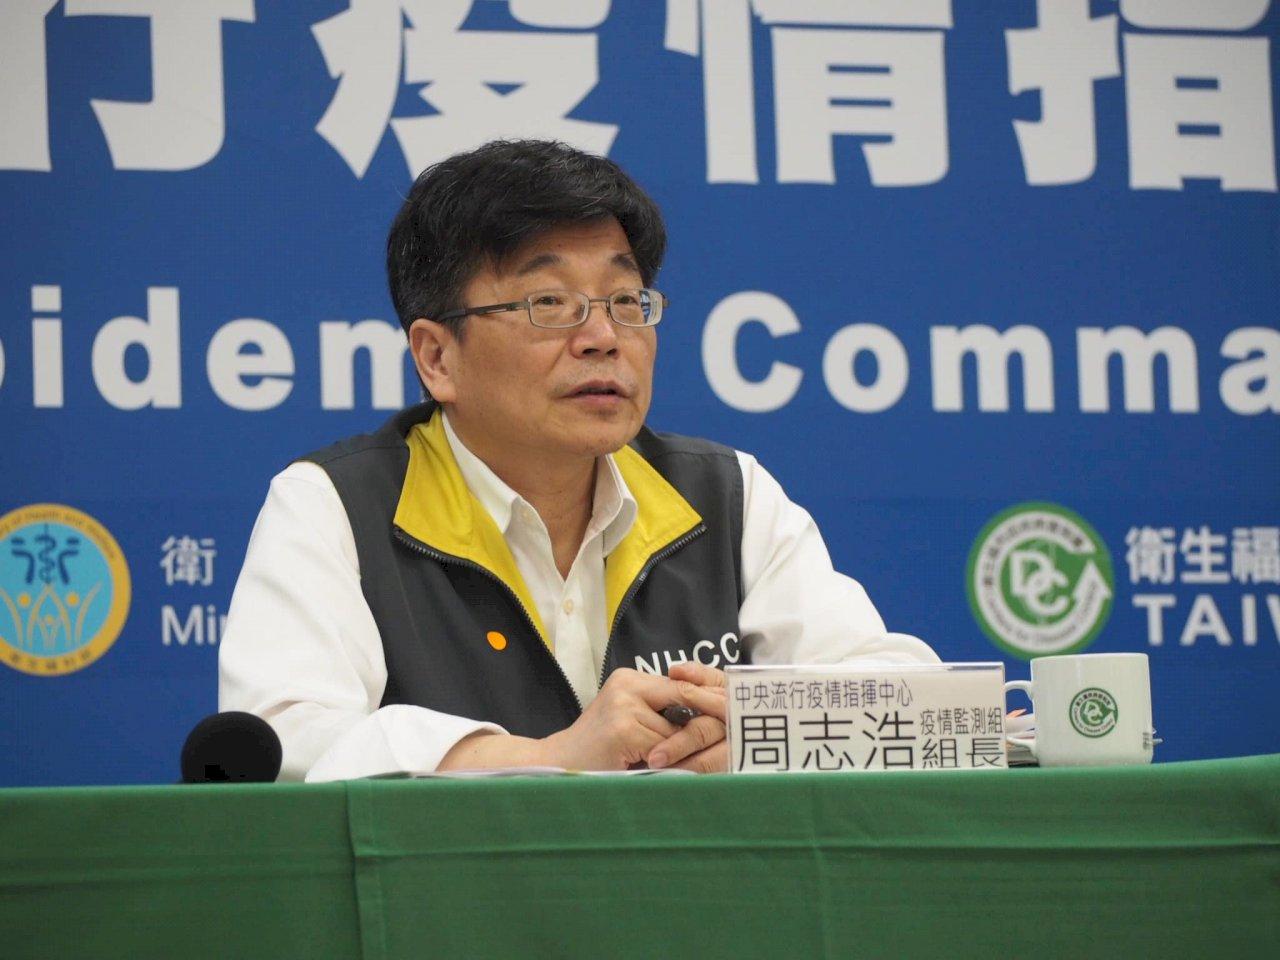 諾富特員工確診 周志浩:檢討其他員工、住宿者是否隔離